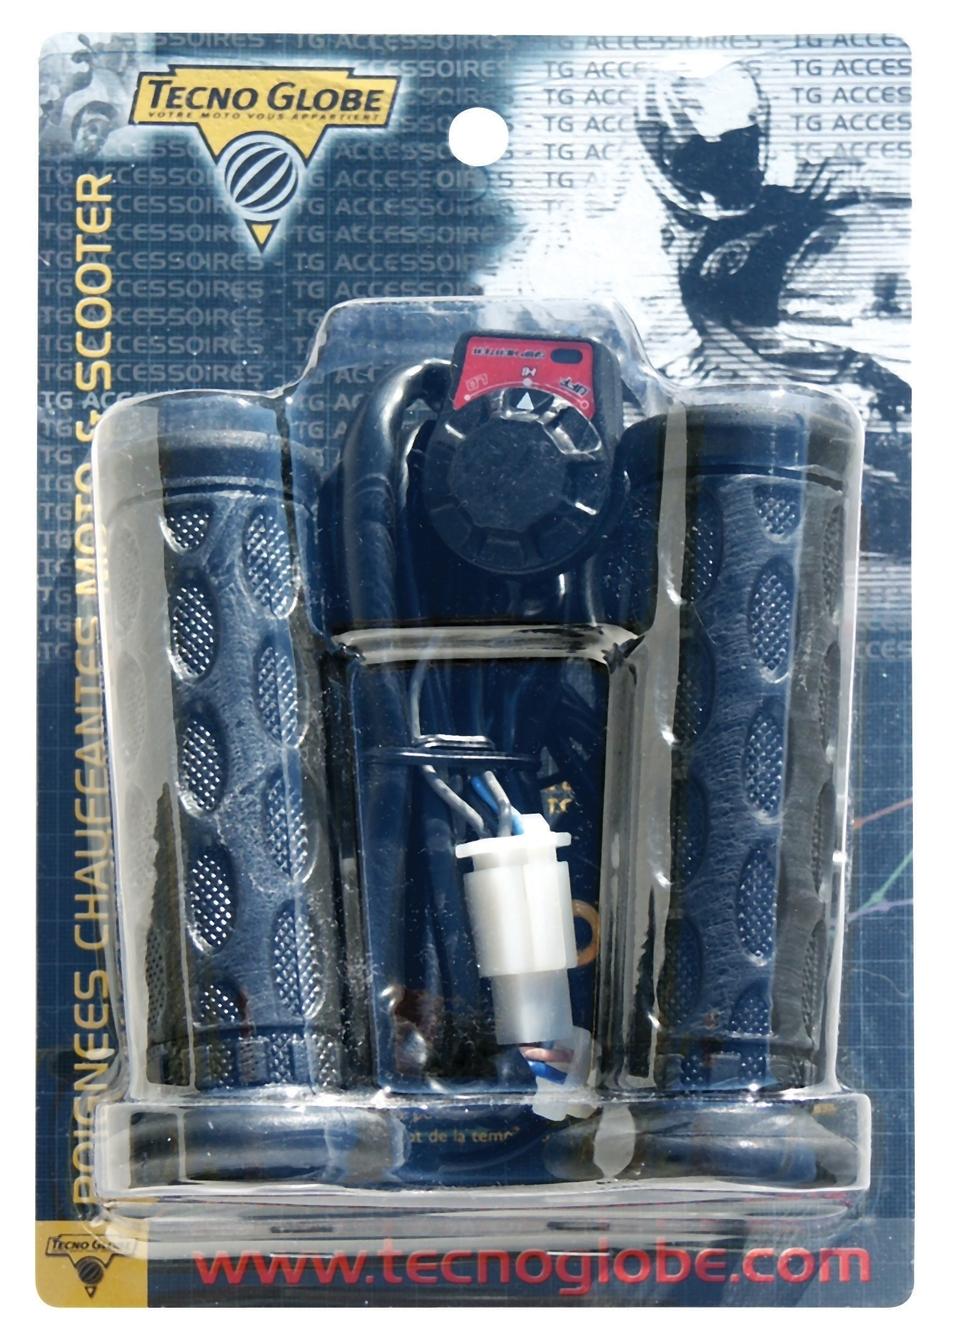 Sym lance des offres d'accessoires : Opération séduction pour l'hiver